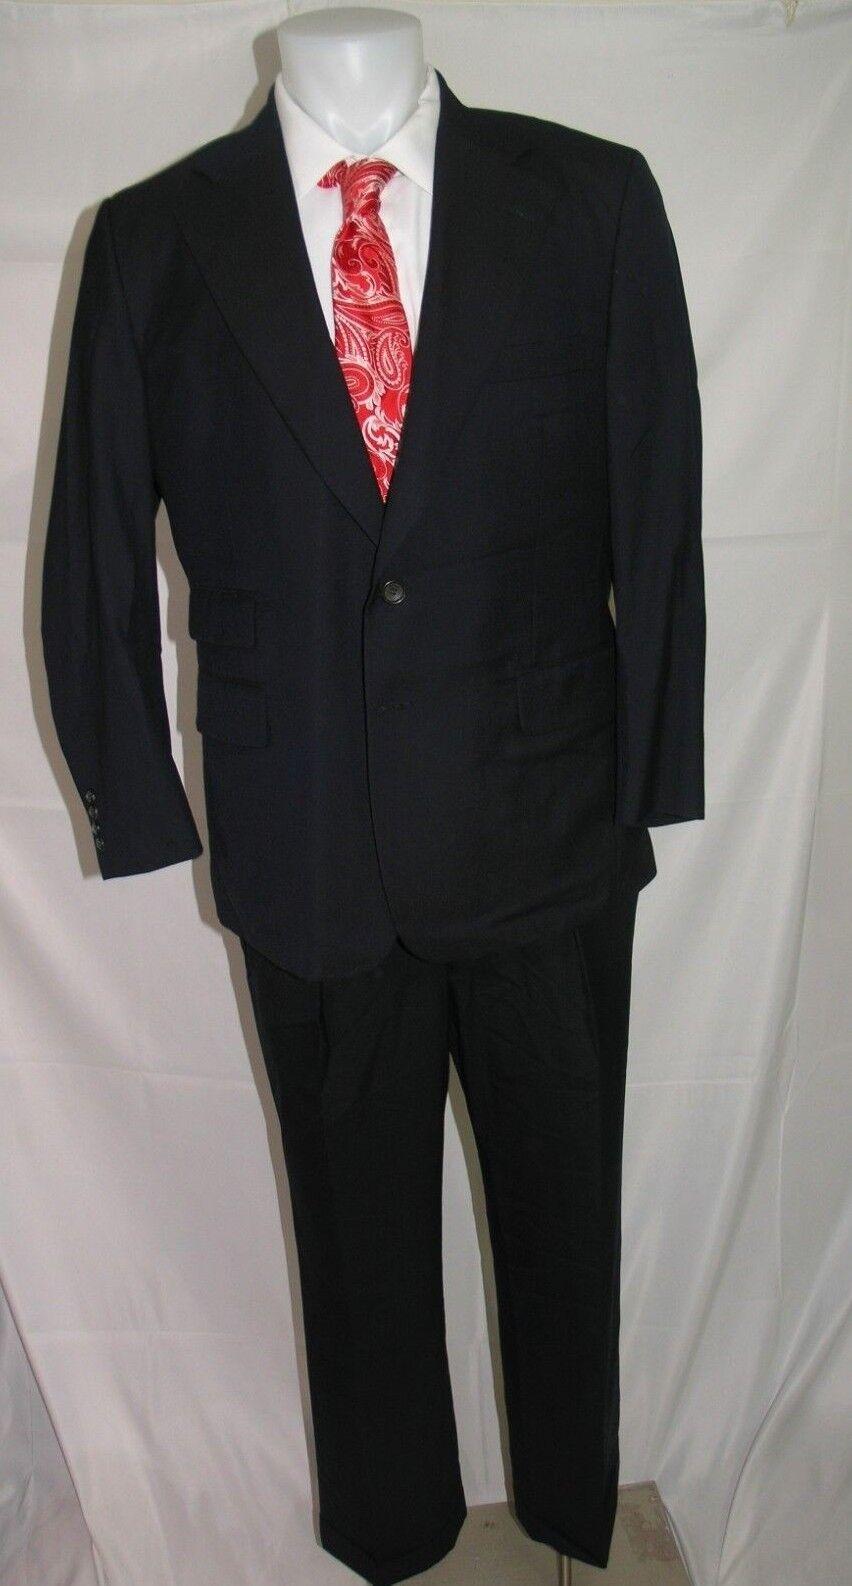 Paul Stuart SB Edward Super 100 Cashmere Blend Two Button Suit 43 S 36 x 29.5